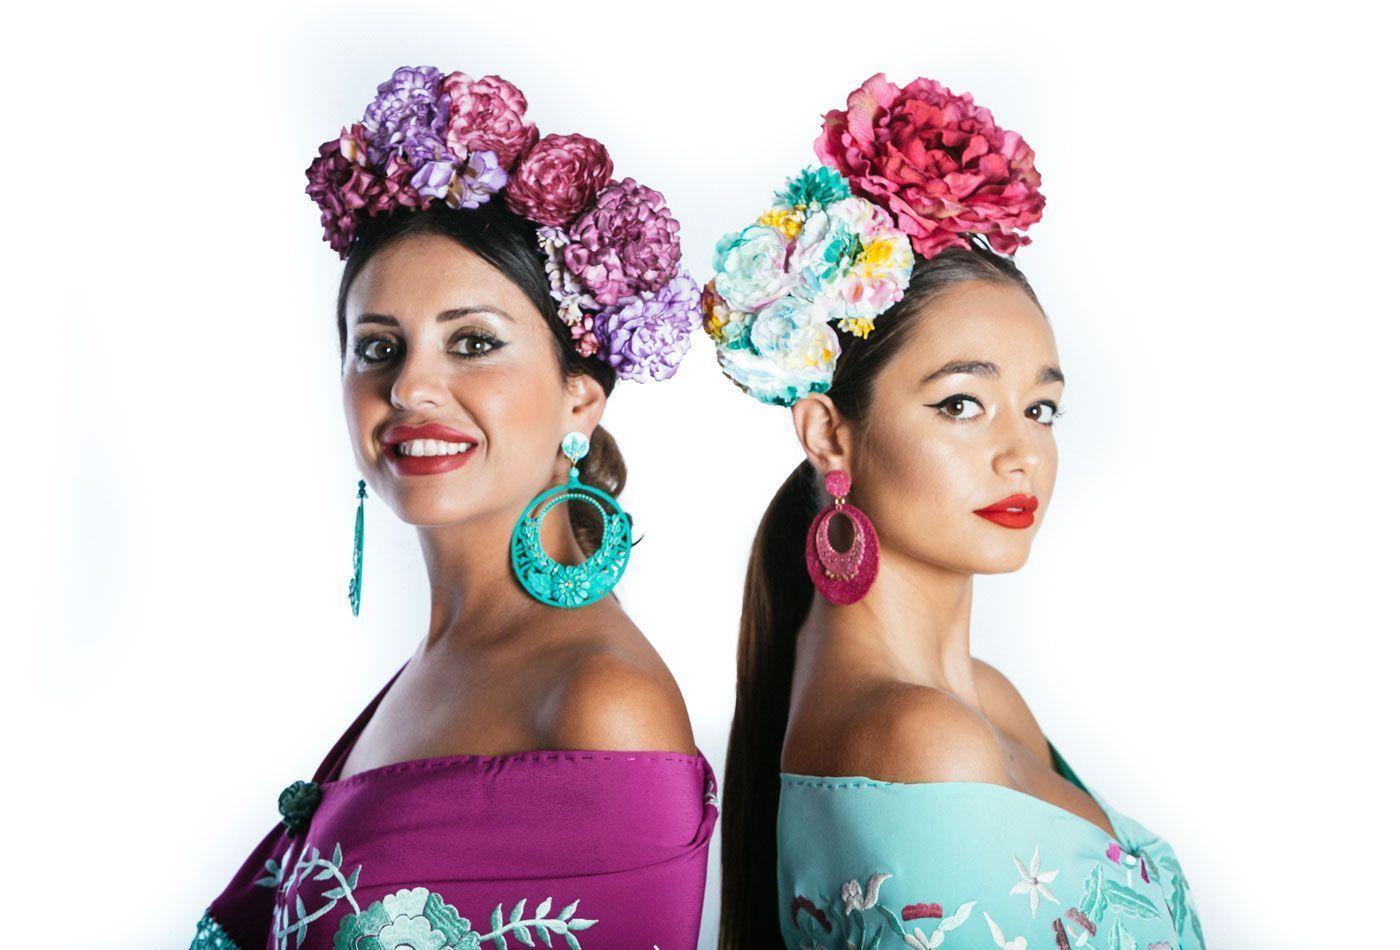 Moda flamenca | Flamenca.com - Tienda online de moda flamenca